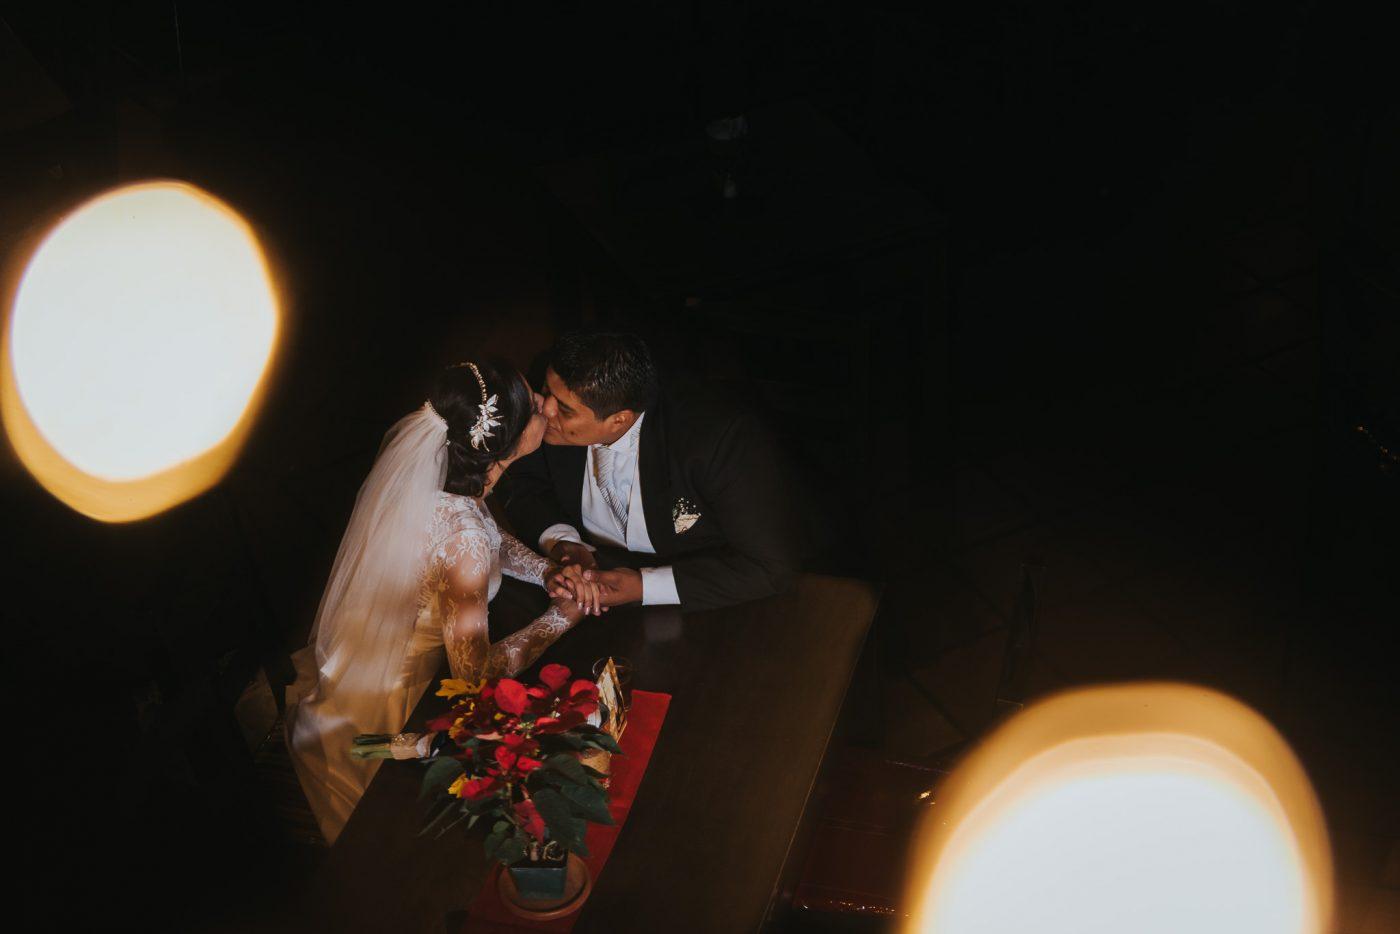 Boda-religiosa-Julio_y_Marella-bodas_Juan_Salazar-wedding-pareja-compromiso-wedding_day-boda-Guatemala-restaurante_el_adobe